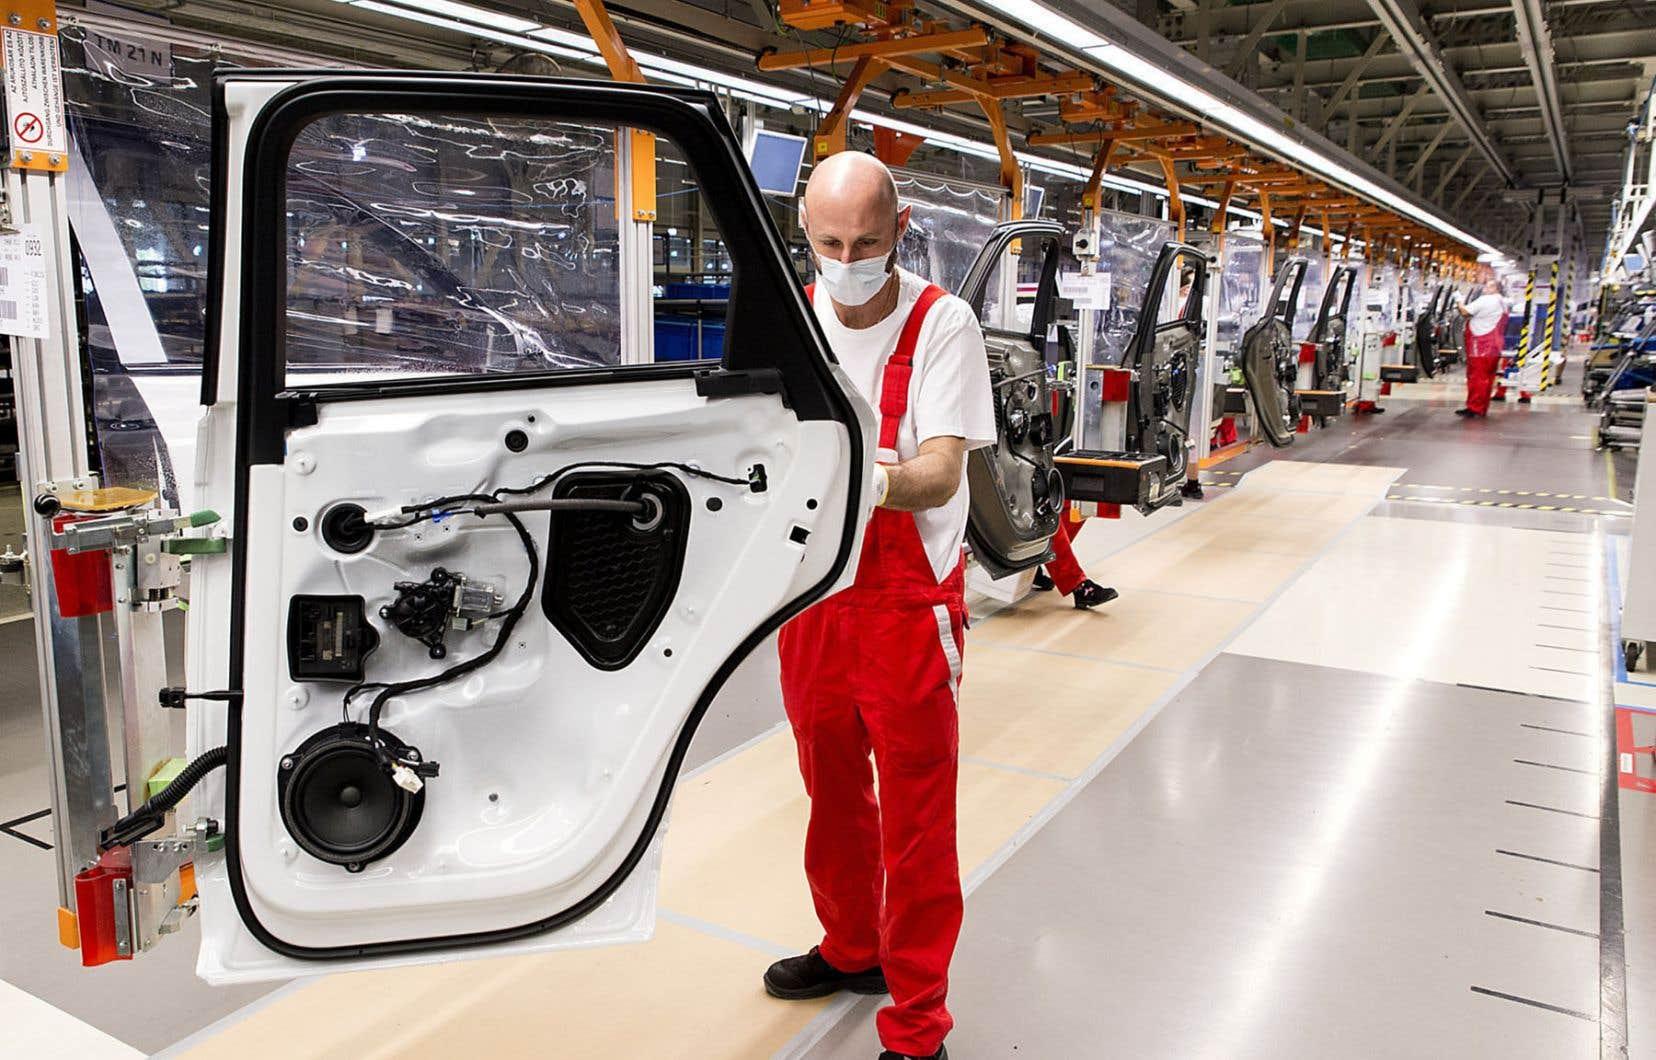 Au Canada, les importations sont toutefois en recul de 14,3% et les exportations, de 17,9%, comparativement à février 2020.